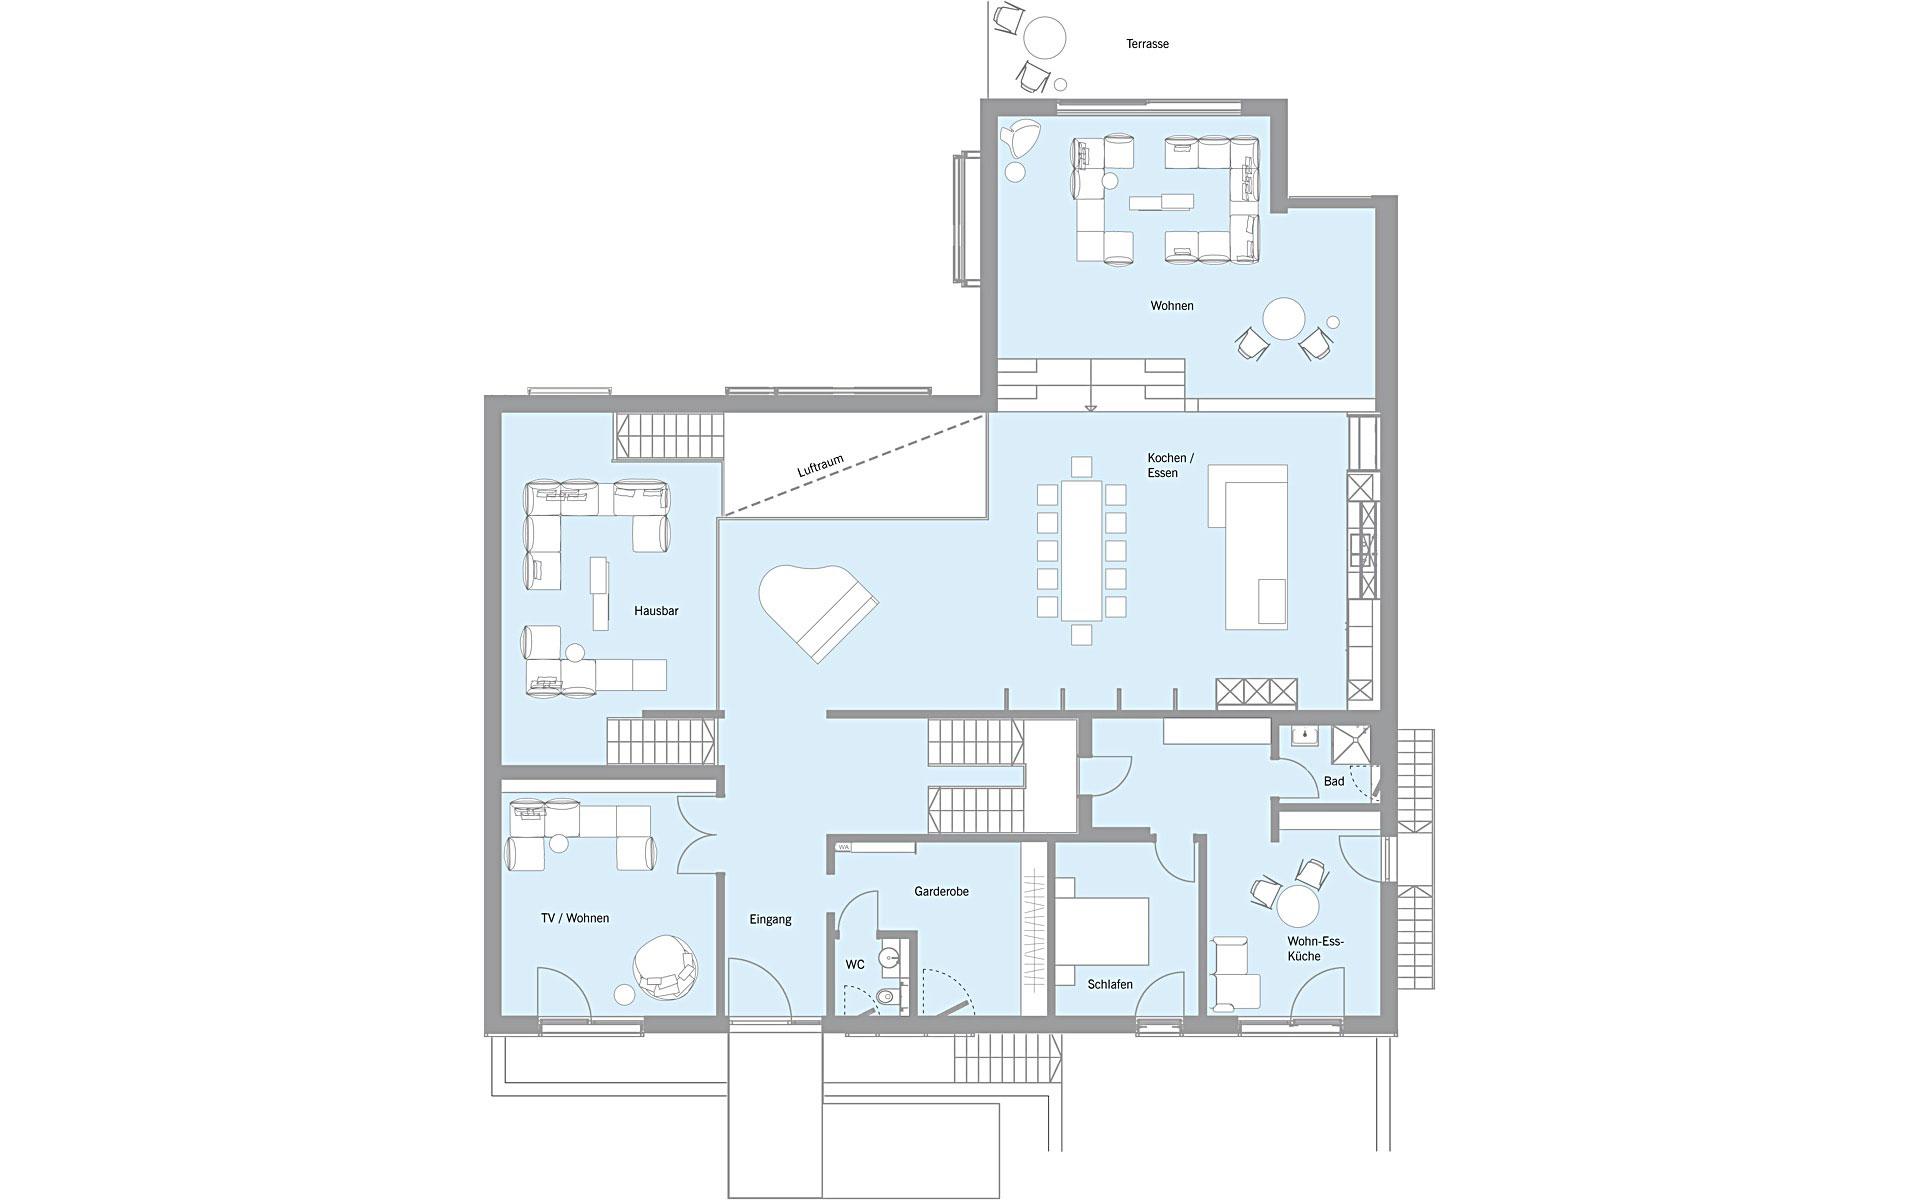 Erdgeschoss Woloszczuk von Bau-Fritz GmbH & Co. KG, seit 1896